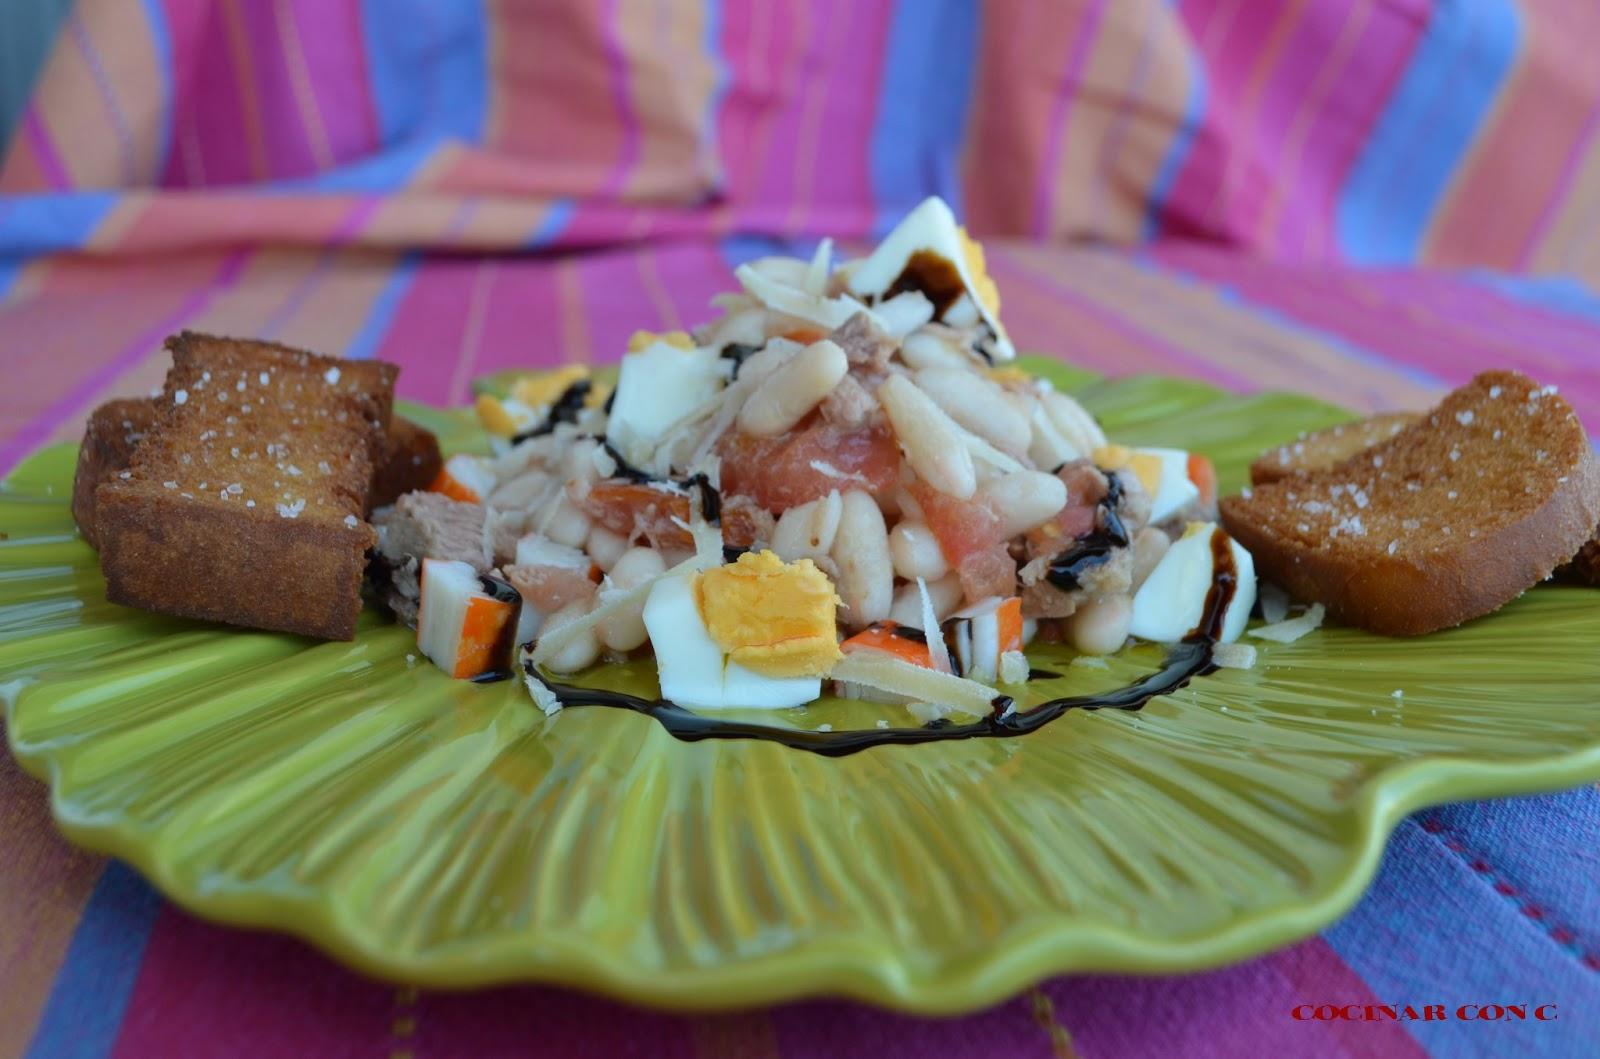 Cocinar con c ensalada de alubias blancas for Cocinar judias blancas de bote